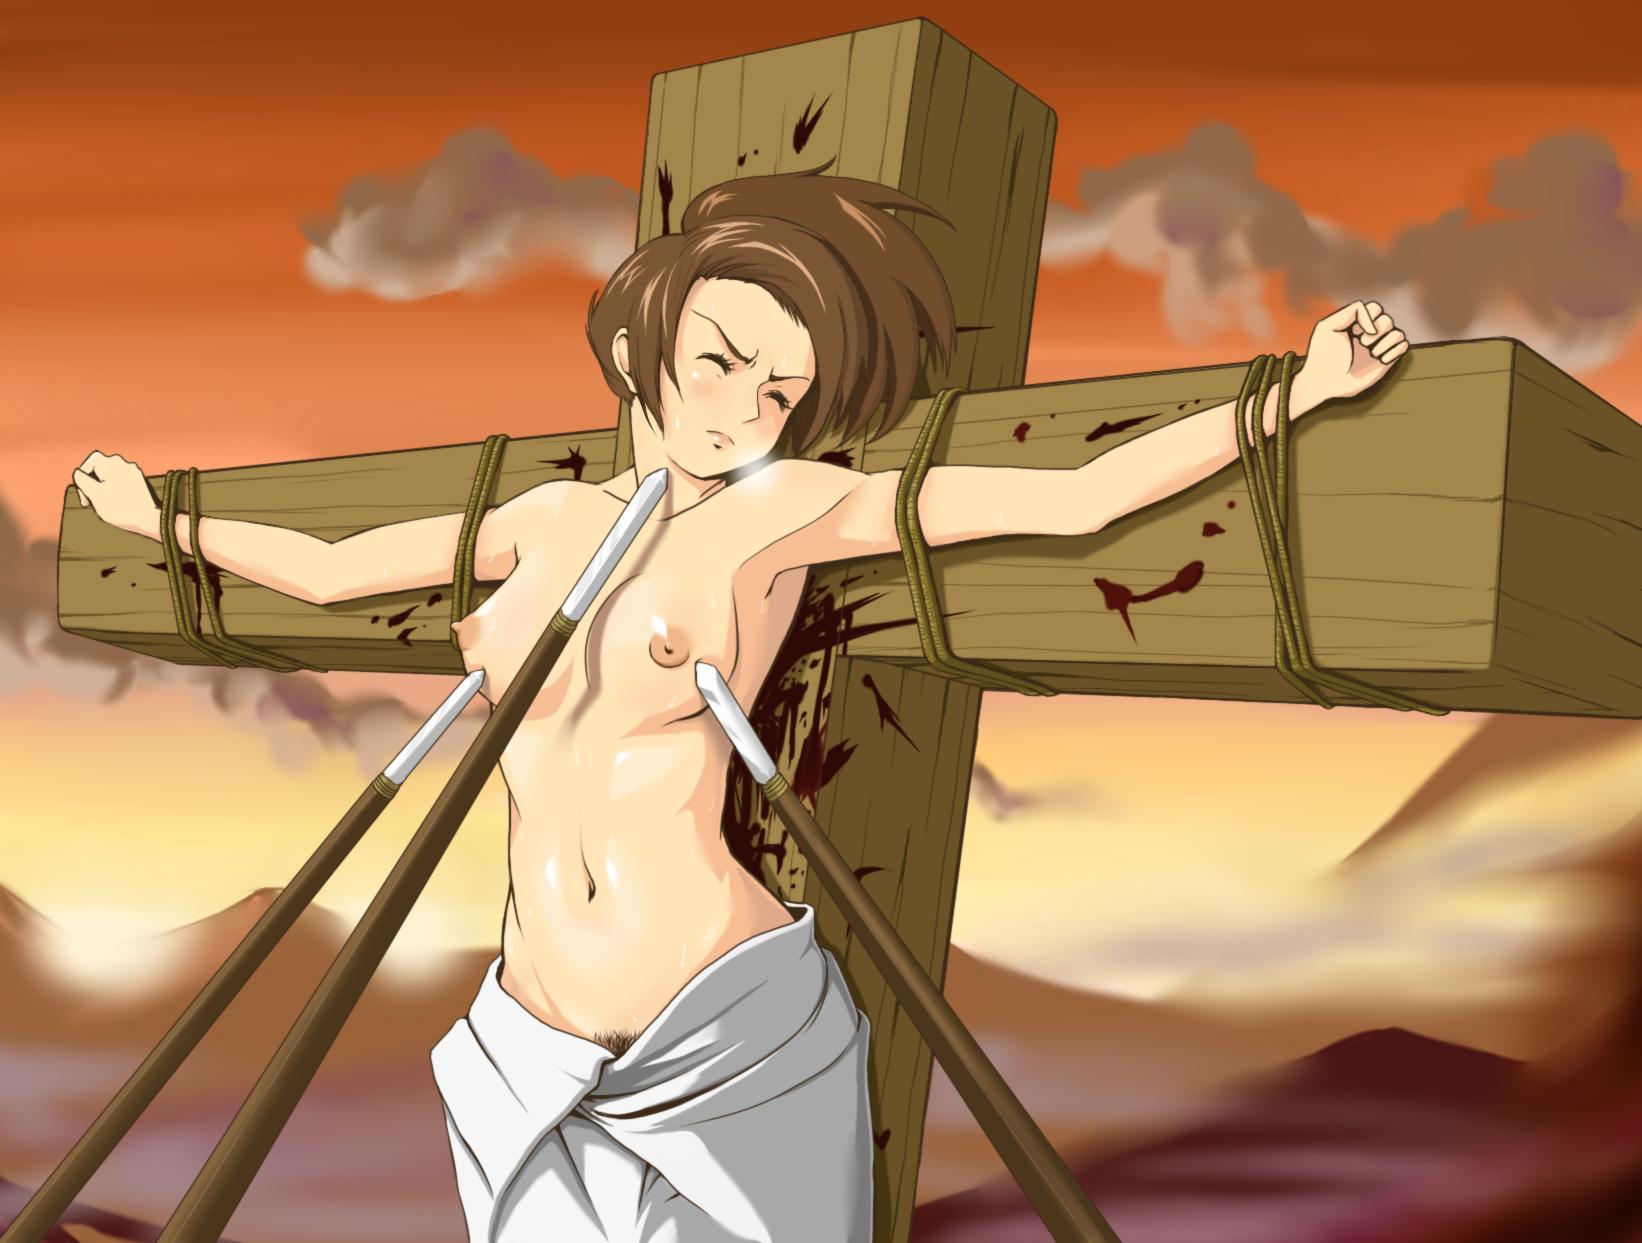 Samurai hentai erotic clips